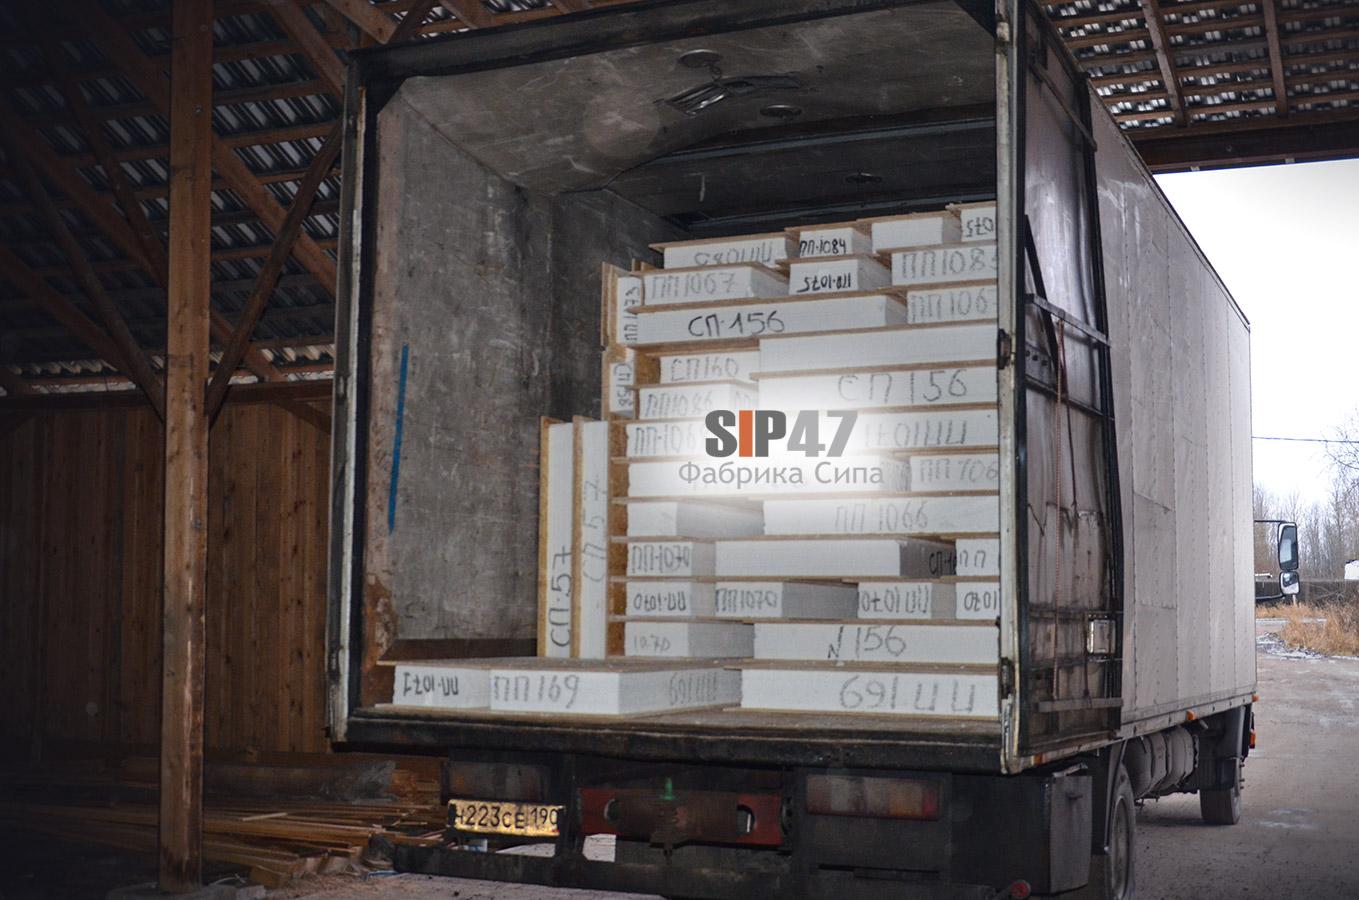 Отгрузка СИП-домокомплекта в Москву для строительства двухэтажного дома